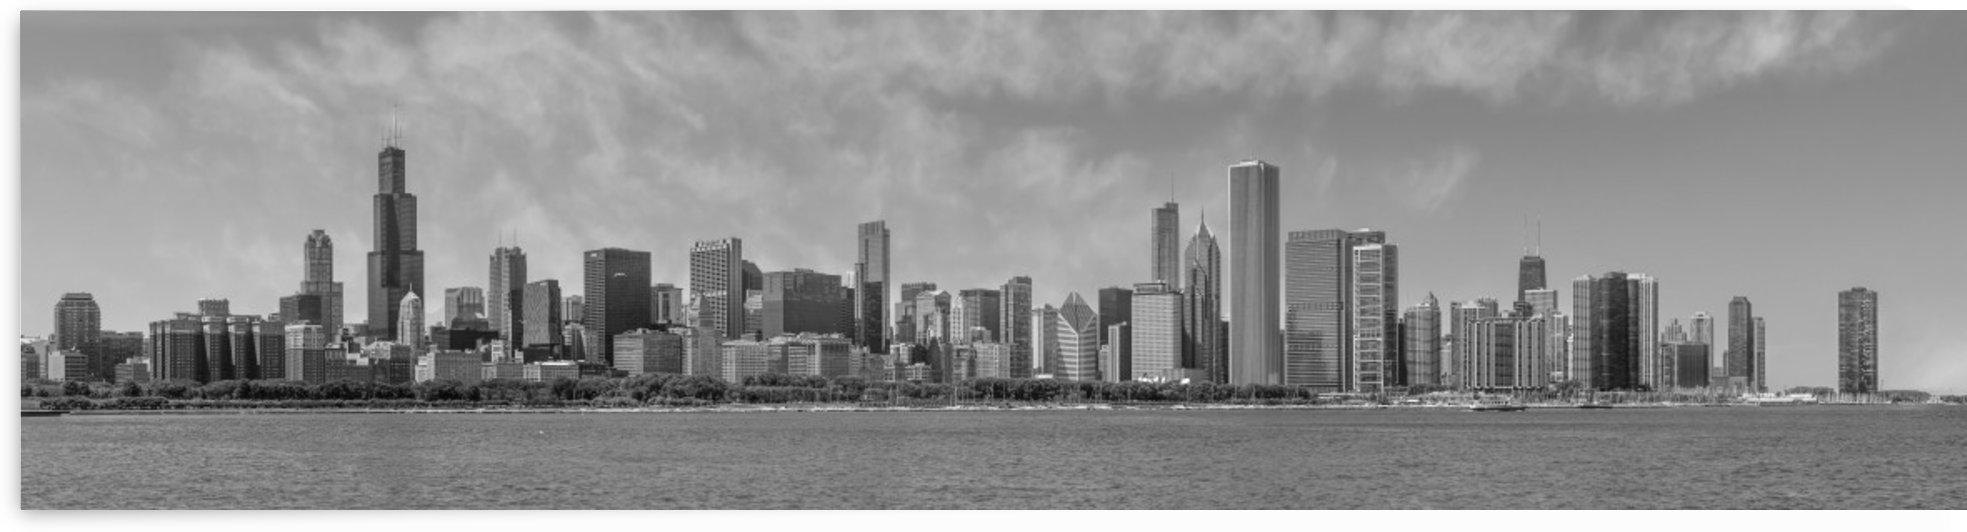 Chicago Skyline   Panorama Monochrome by Melanie Viola